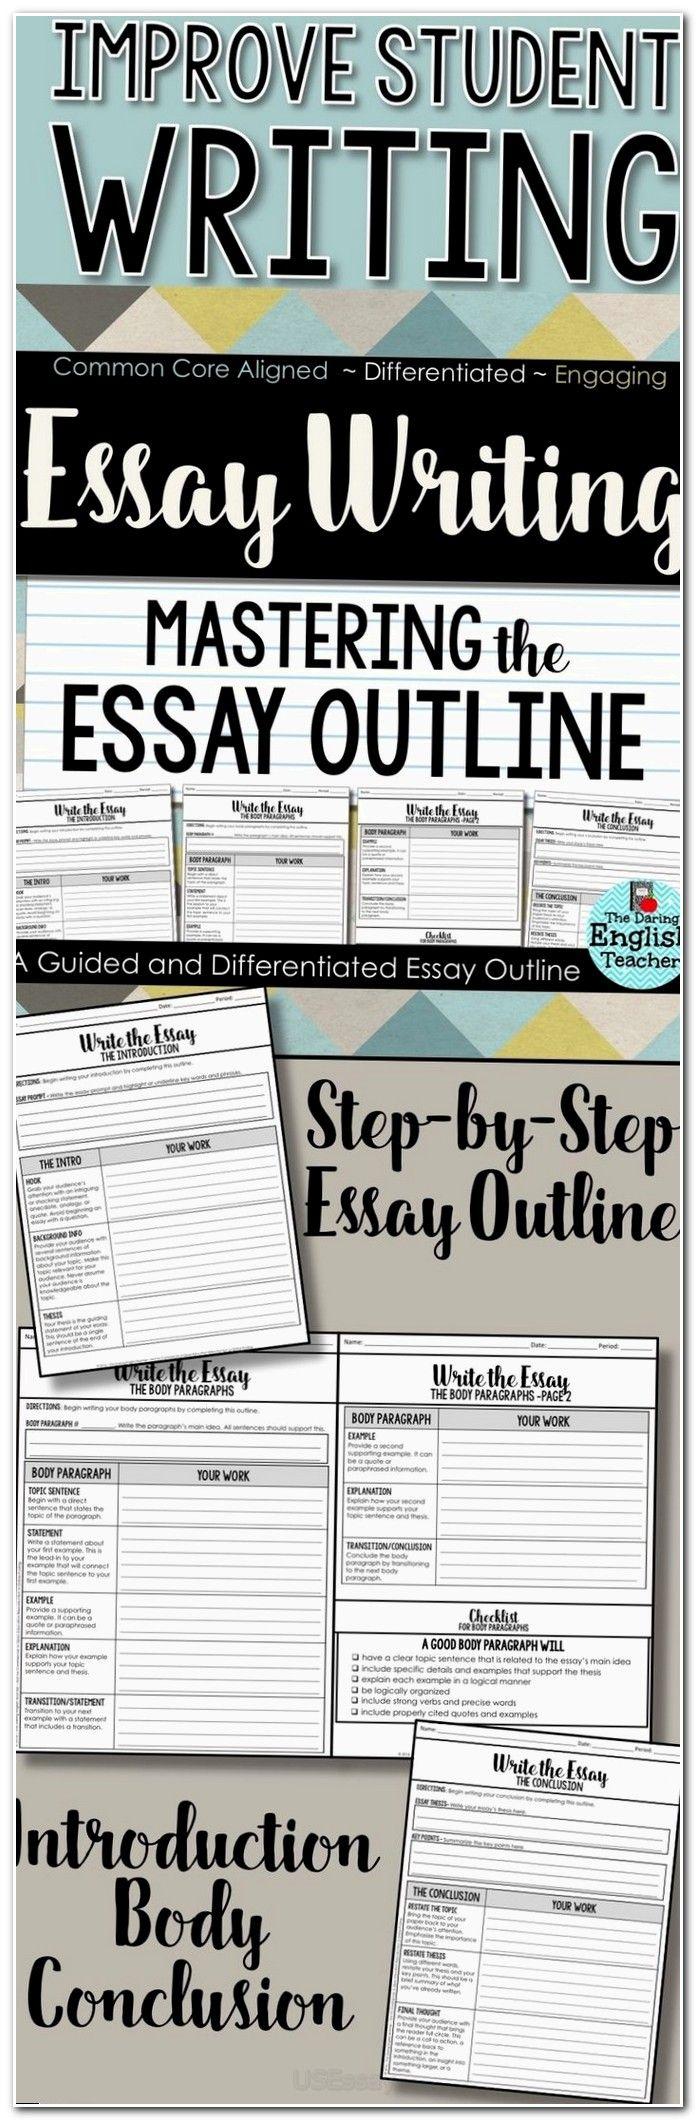 essay wrightessay pro life essay how will a scholarship help me   essay wrightessay pro life essay how will a scholarship help me essay